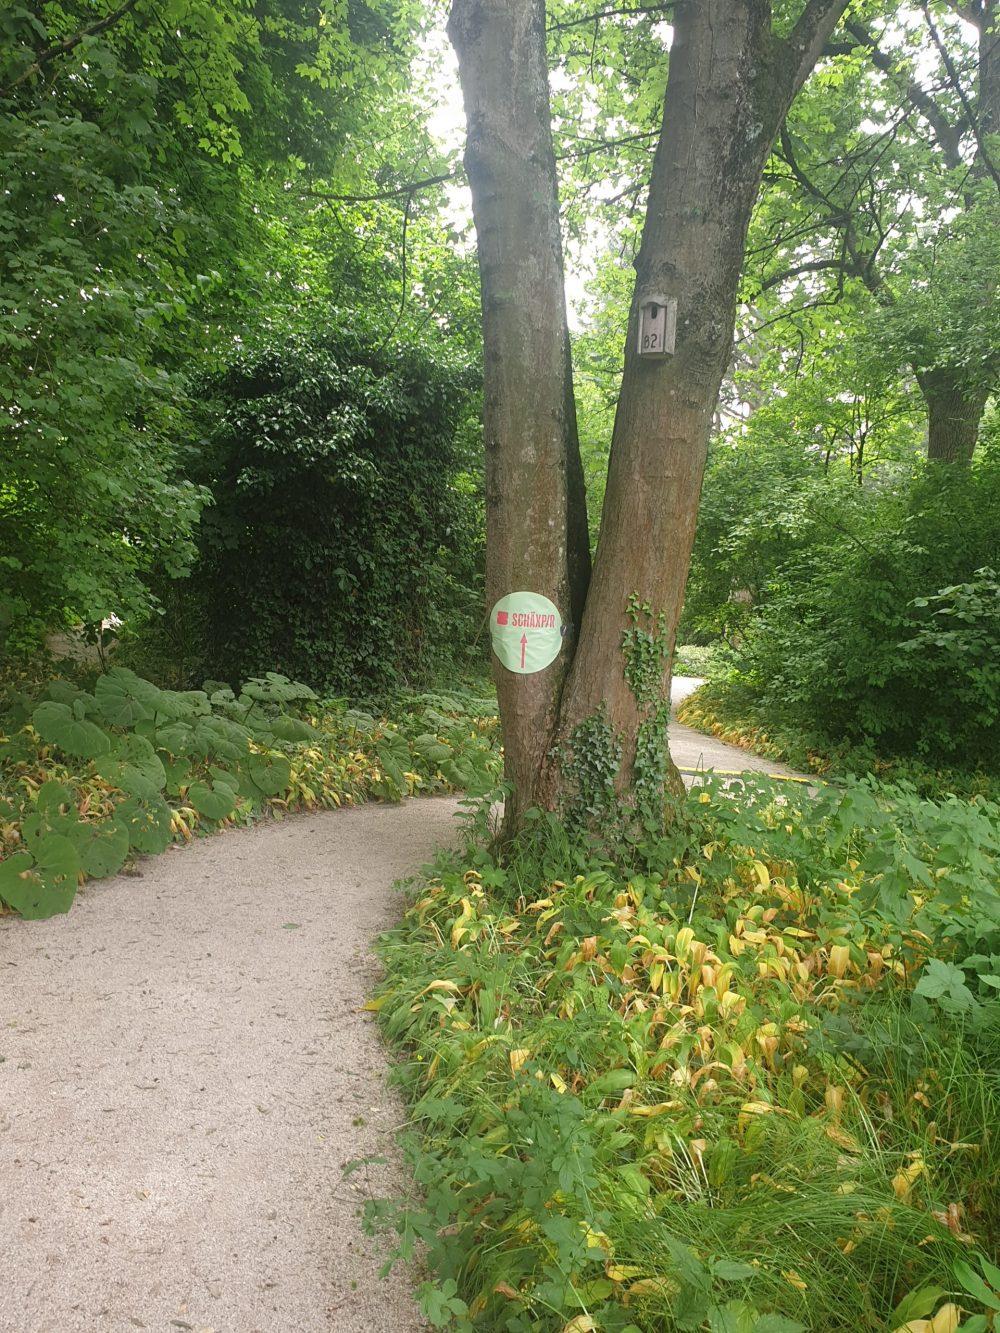 Hinweisschild zur Schäxpir-Veransaltung auf einem Baum